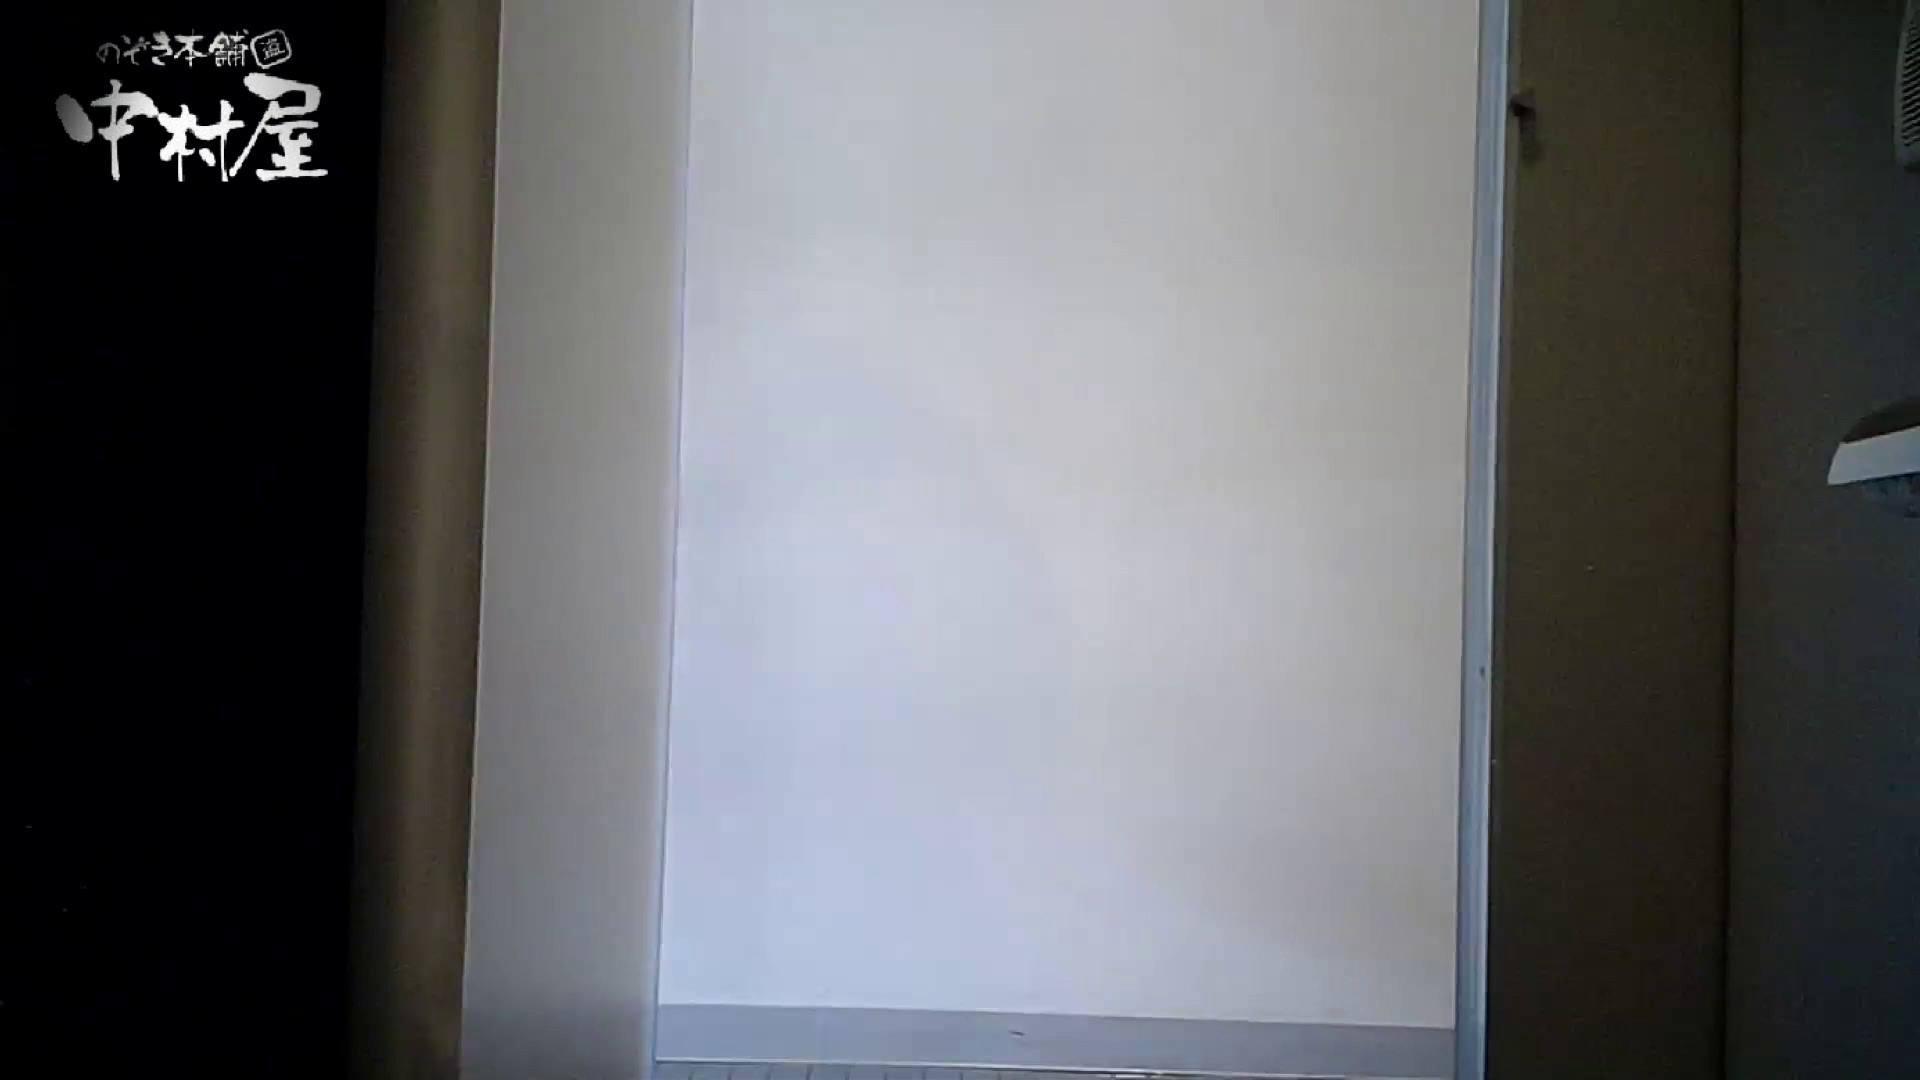 有名大学女性洗面所 Vol.52 ストッキングの最後の「くいっ!」がたまりません 洗面所突入 | 和式トイレ  83pic 1